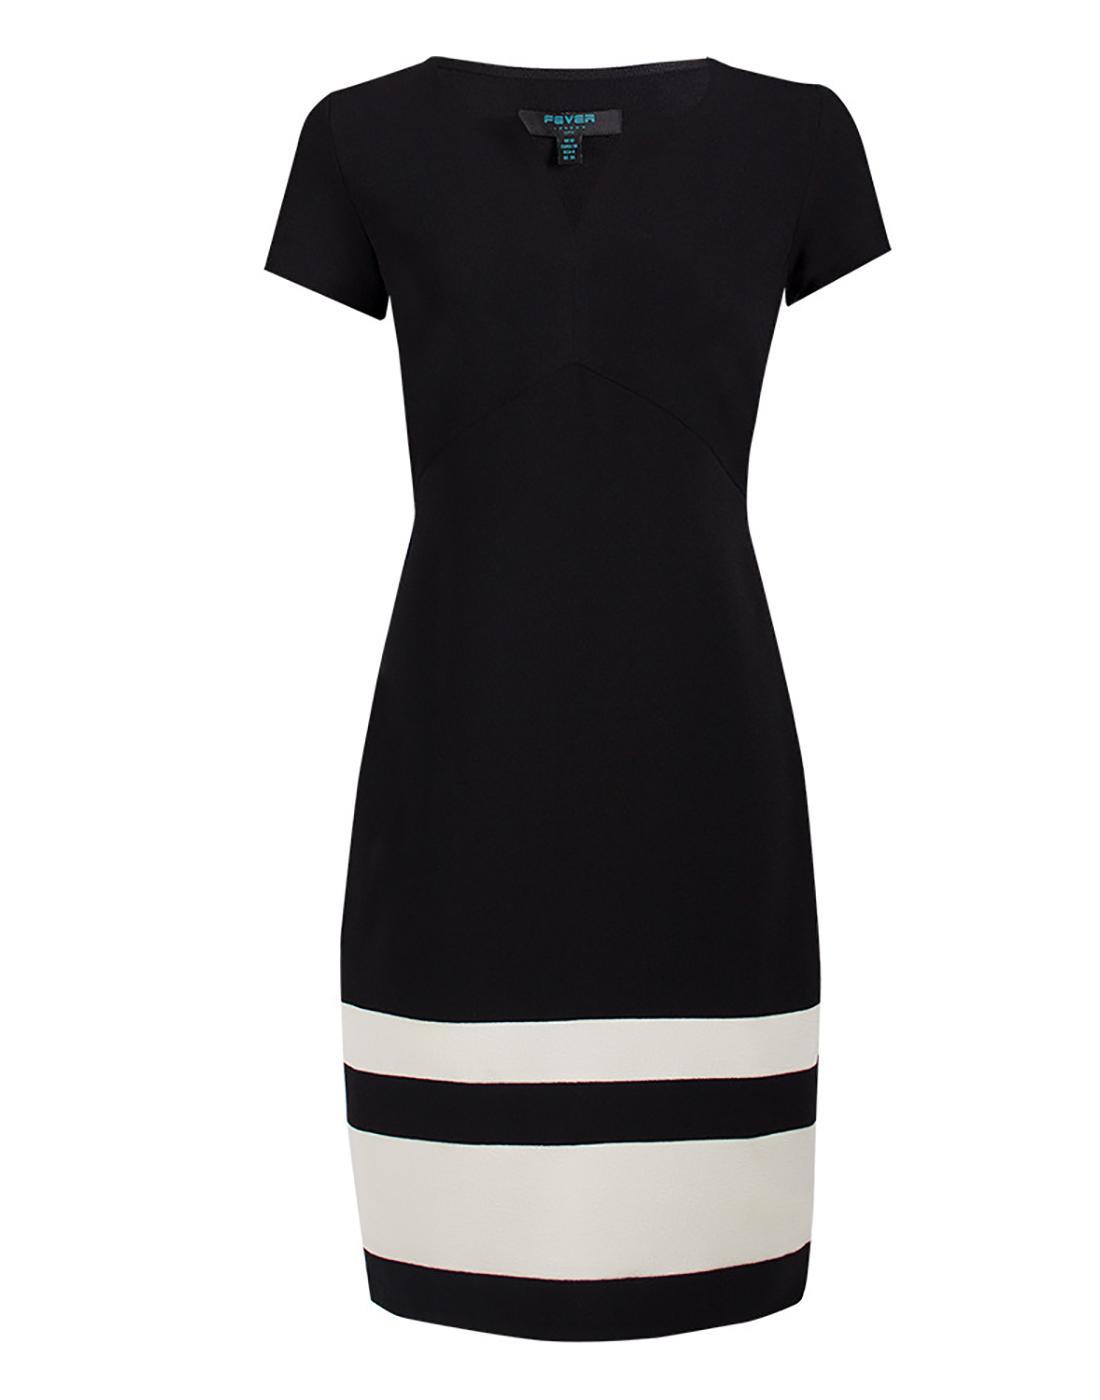 Winona FEVER Retro 60s Mod Pencil Dress in Black